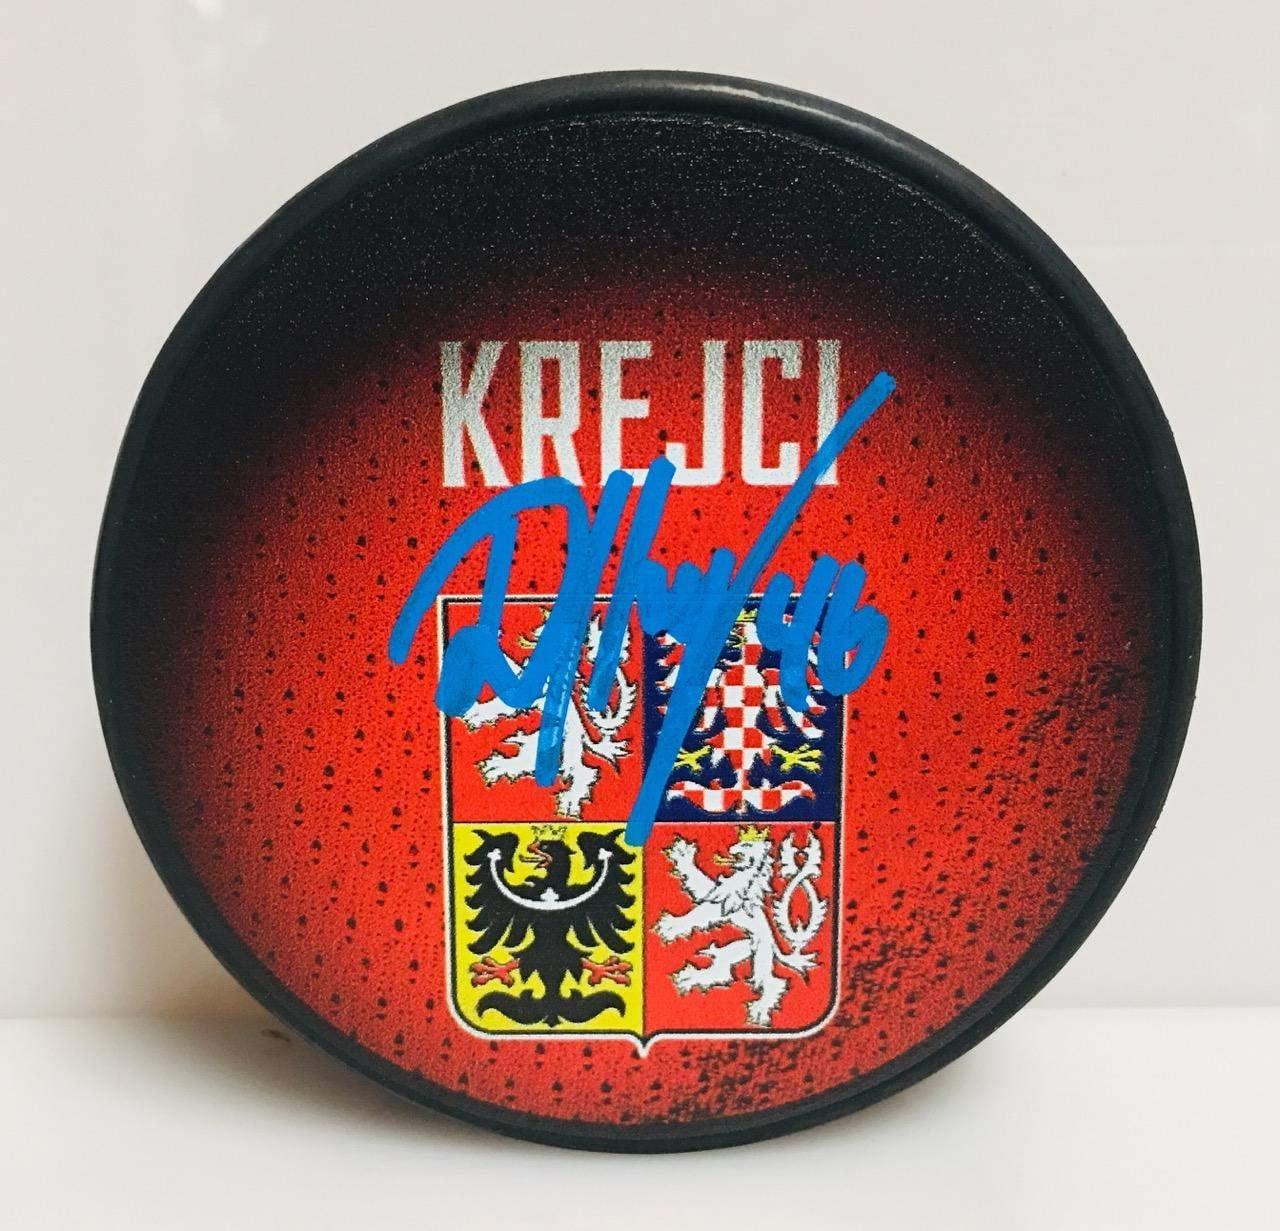 David Krejci Boston Bruins Signed World Cup of Hockey Czech Hockey Puck